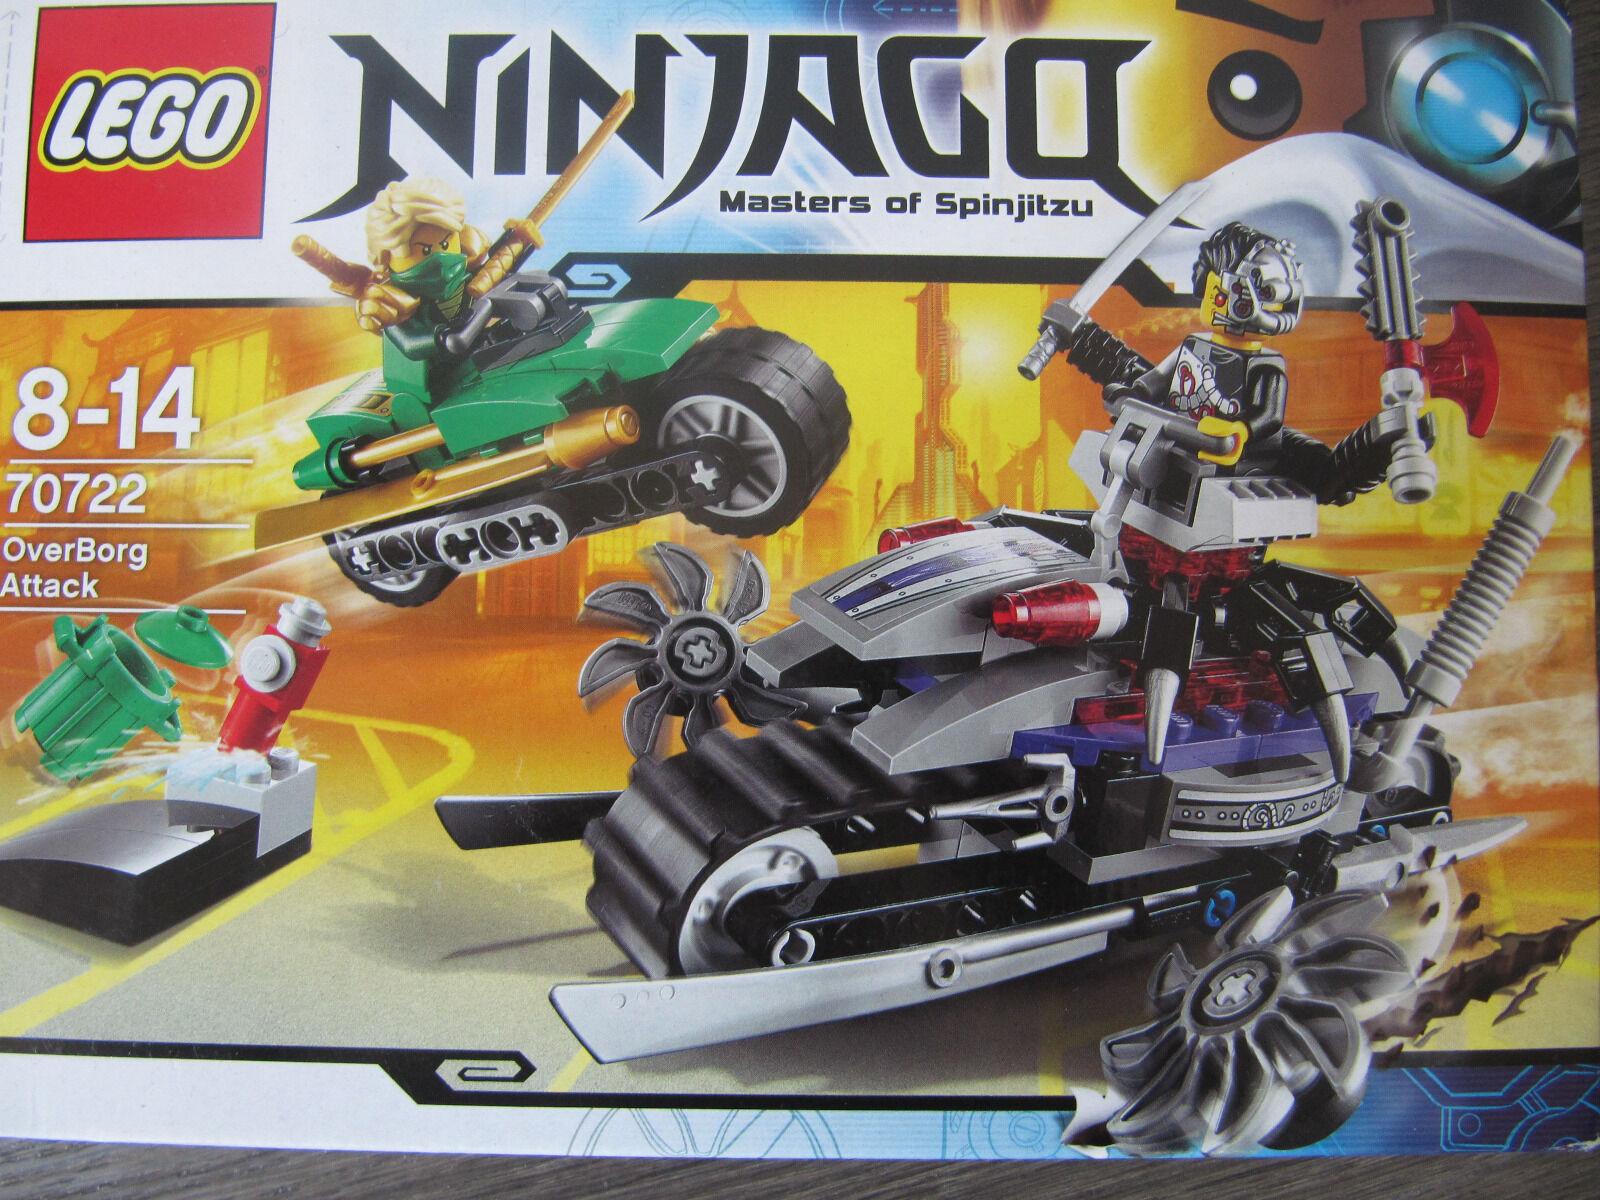 Lego Ninjago aus Sammlung 70722 OverBorg Attack komplett+Figuren+BA komplett+Figuren+BA komplett+Figuren+BA + OVP e3c505